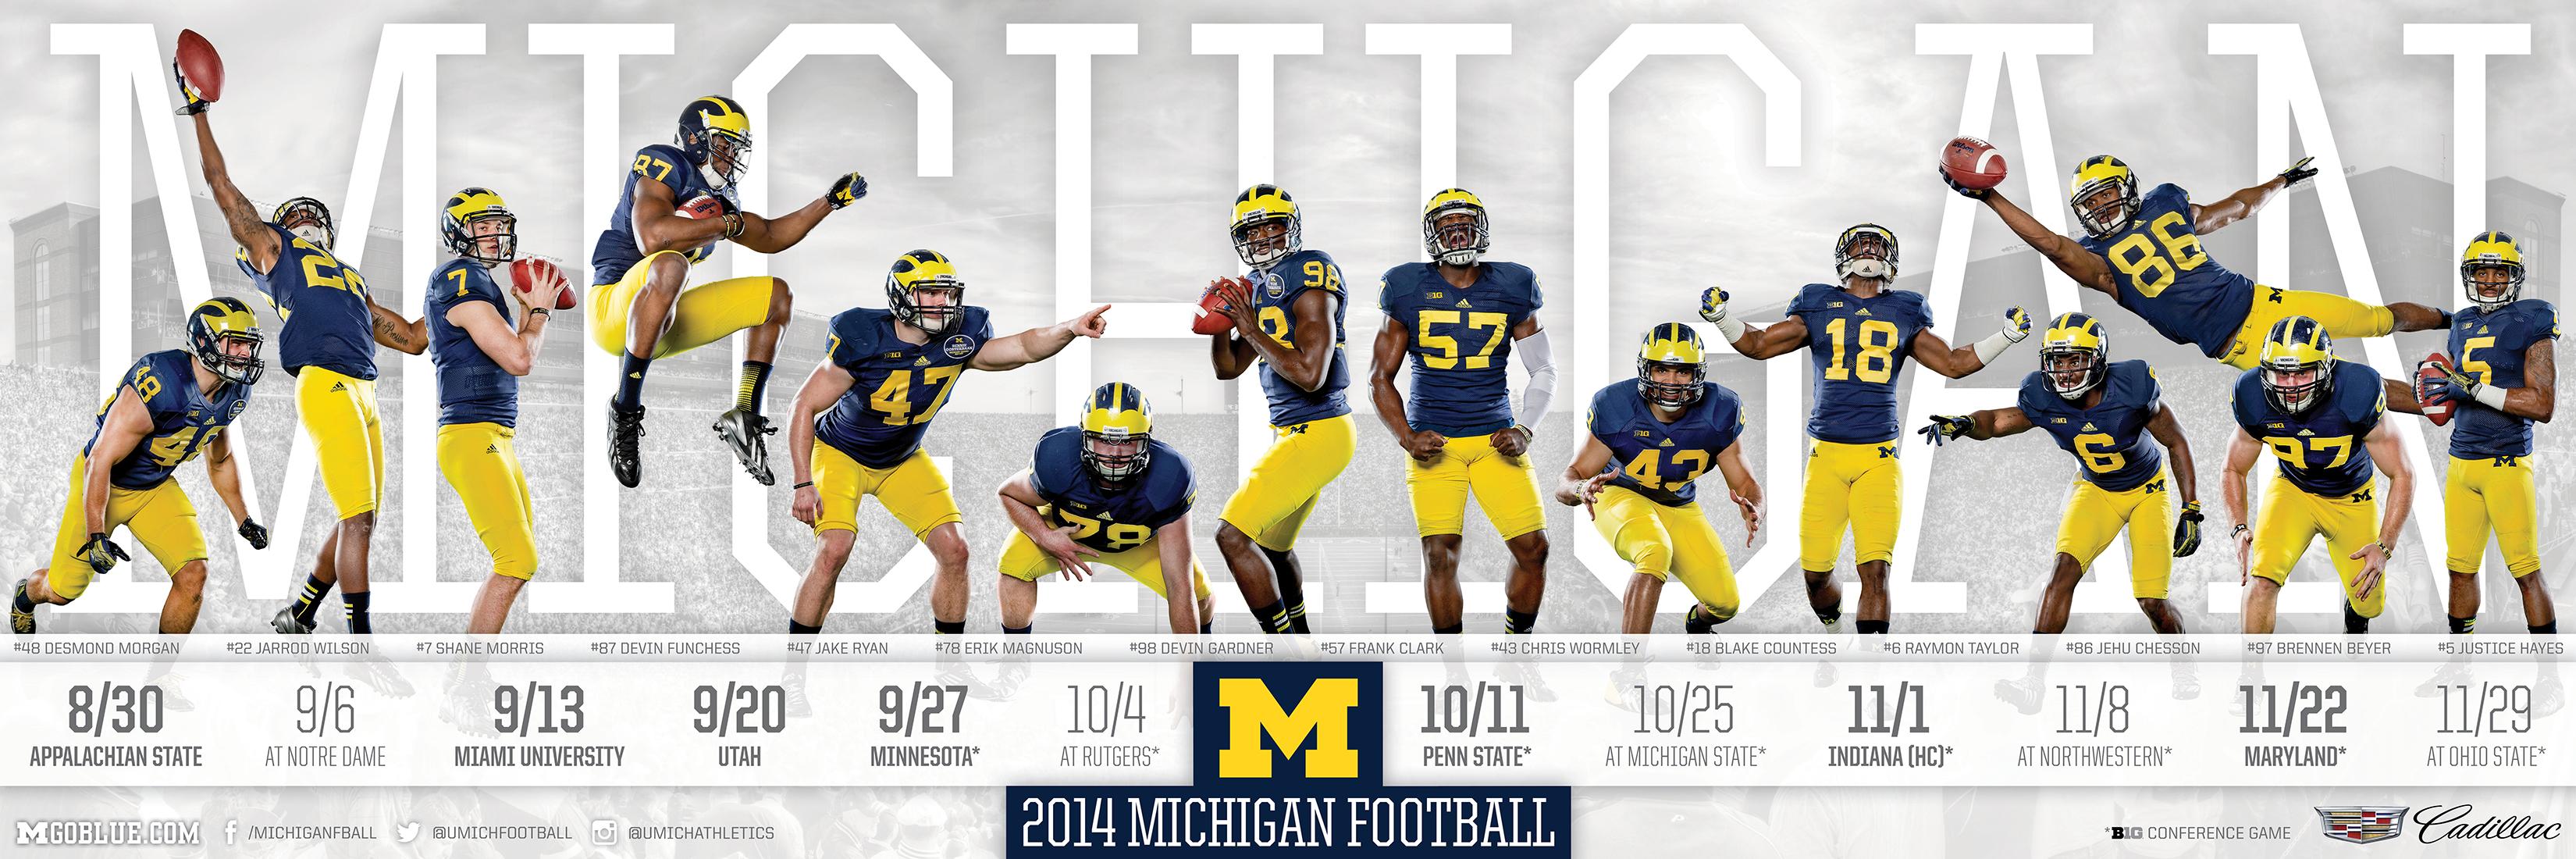 University Of Michigan Football Wallpaper Wallpapersafari